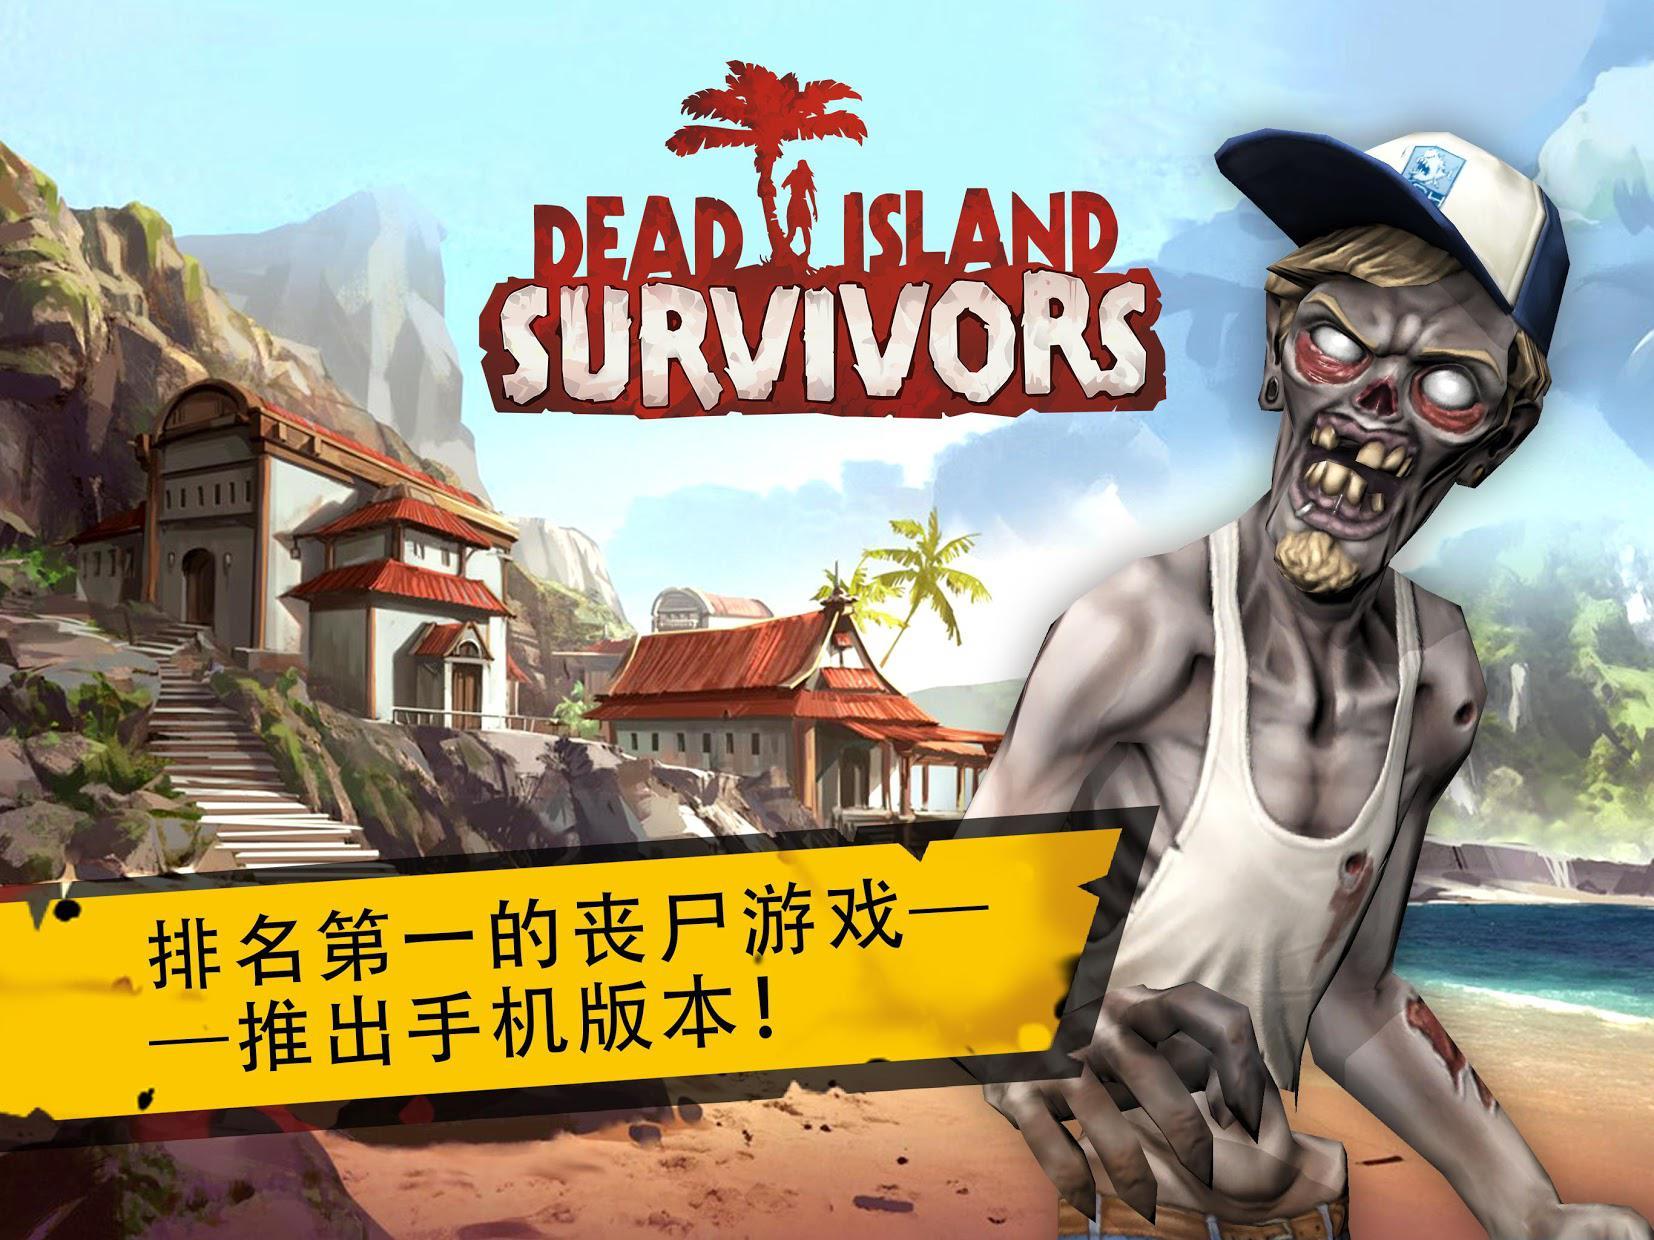 死亡岛:幸存者 游戏截图1